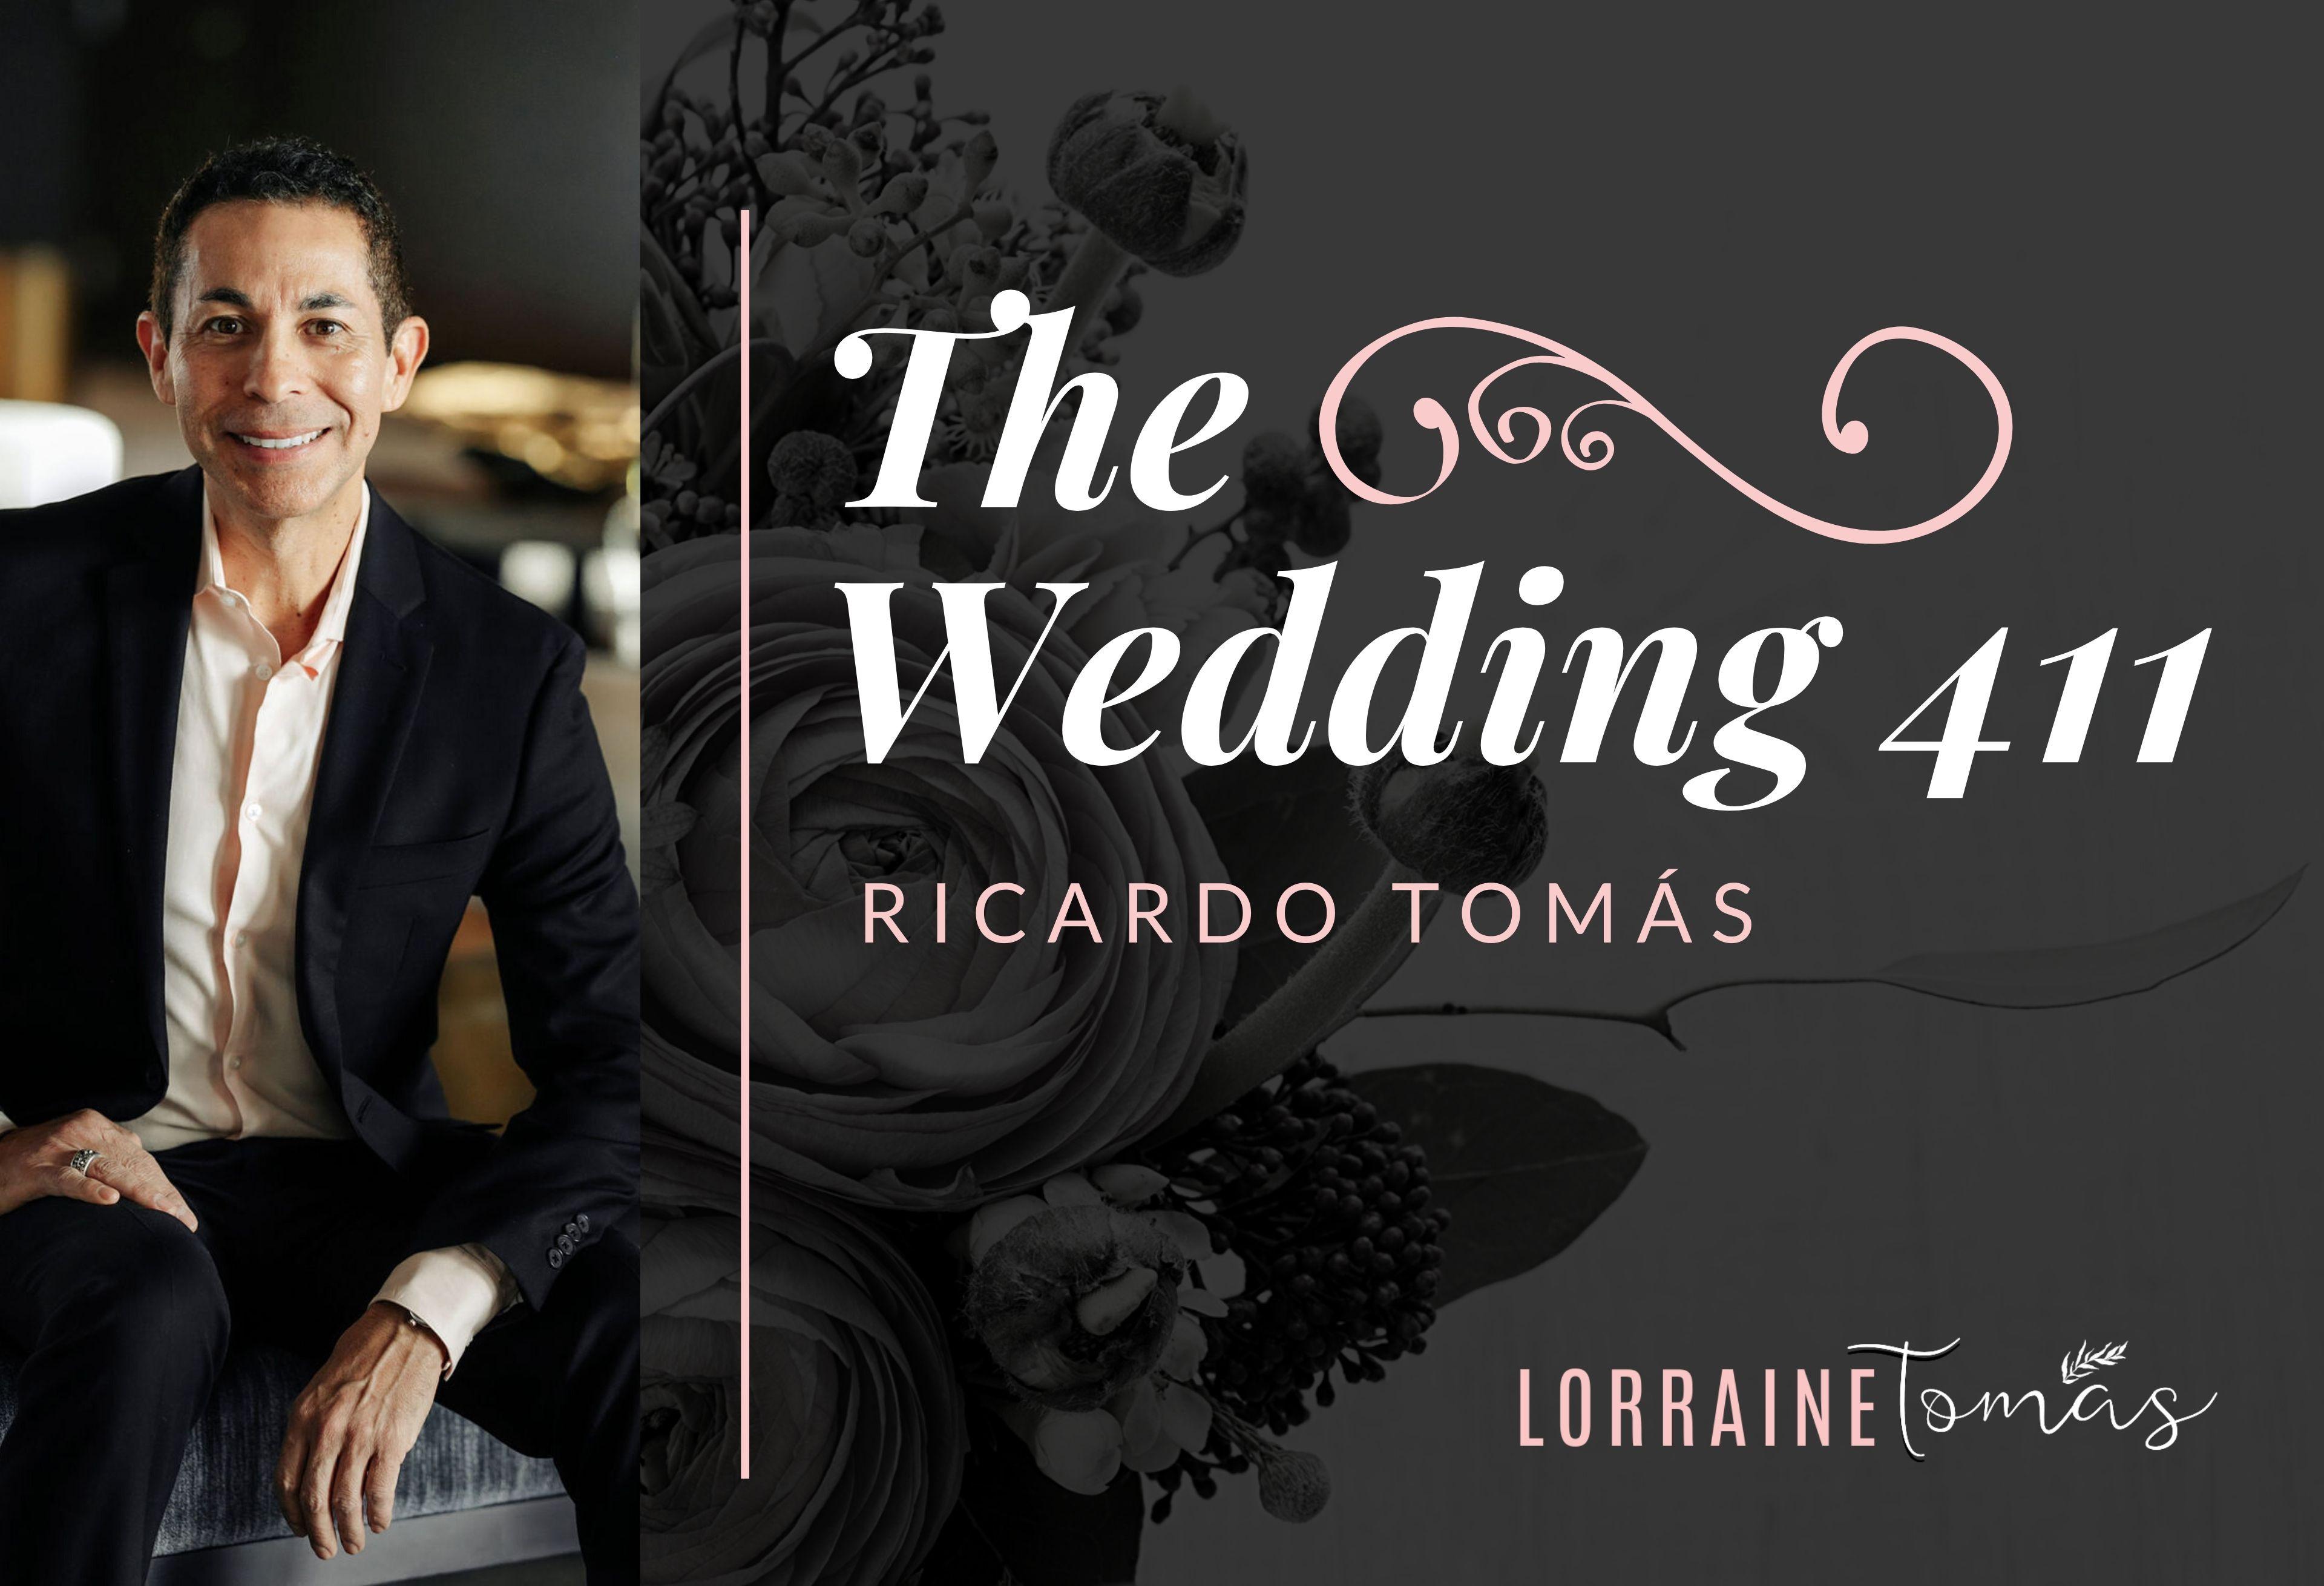 The Wedding 411 - Ricardo Tomás